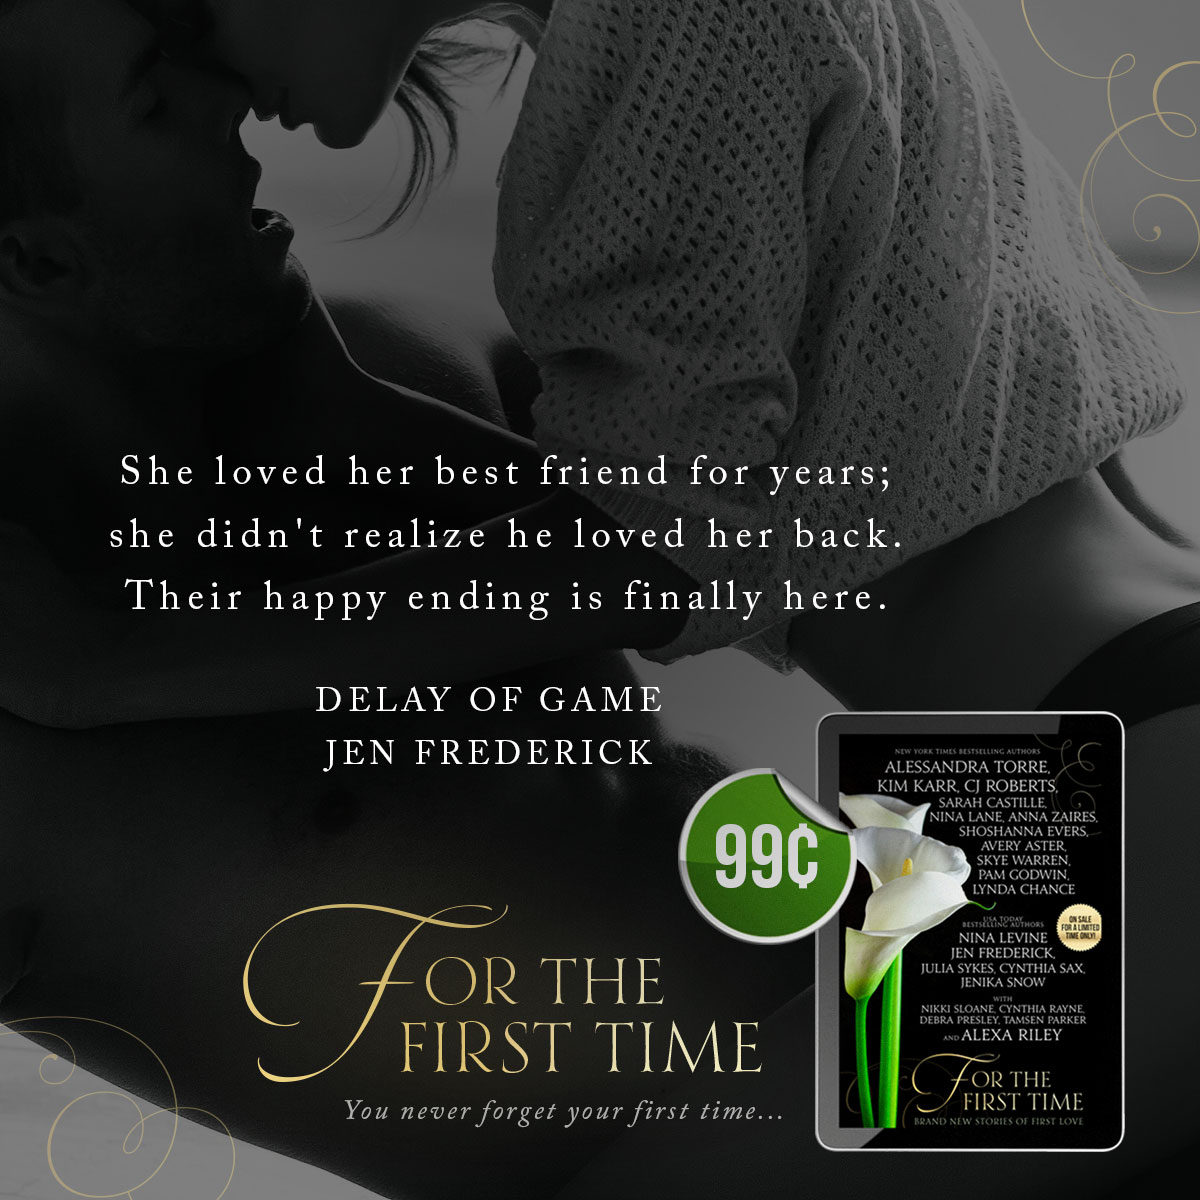 ForTheFirstTime-JenFrederick